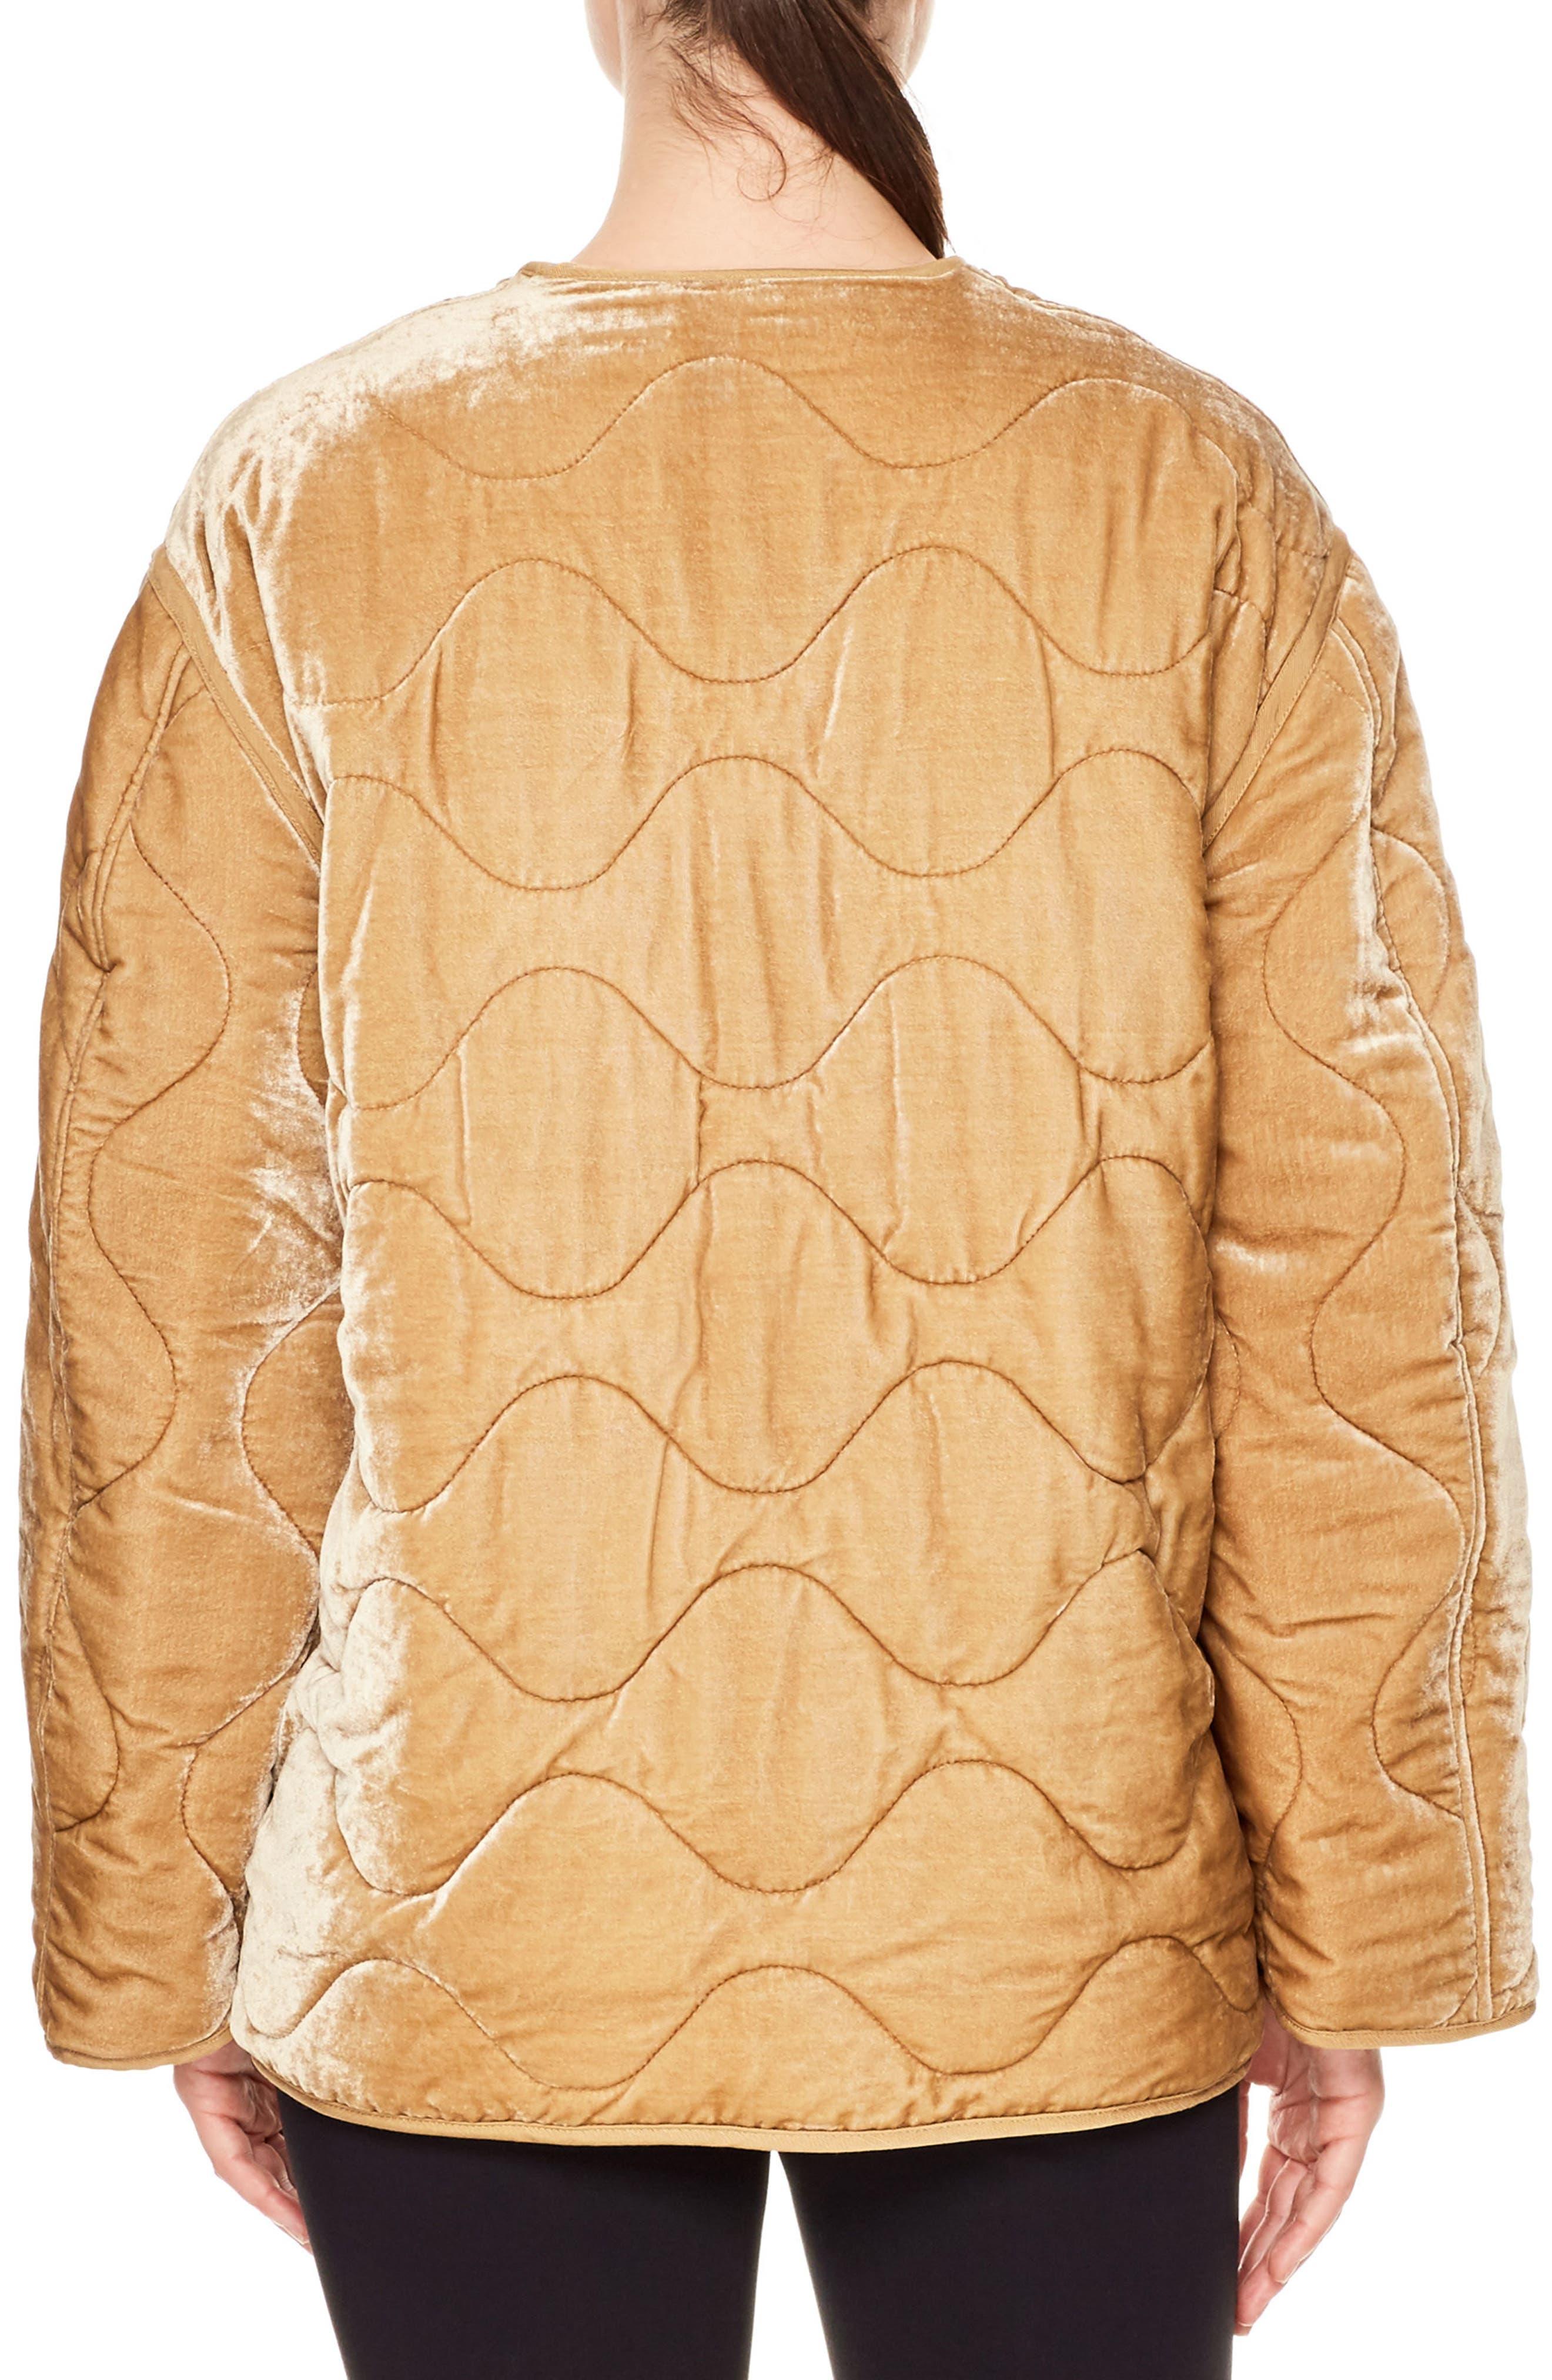 Reva Quilted Velvet Jacket,                             Alternate thumbnail 2, color,                             251